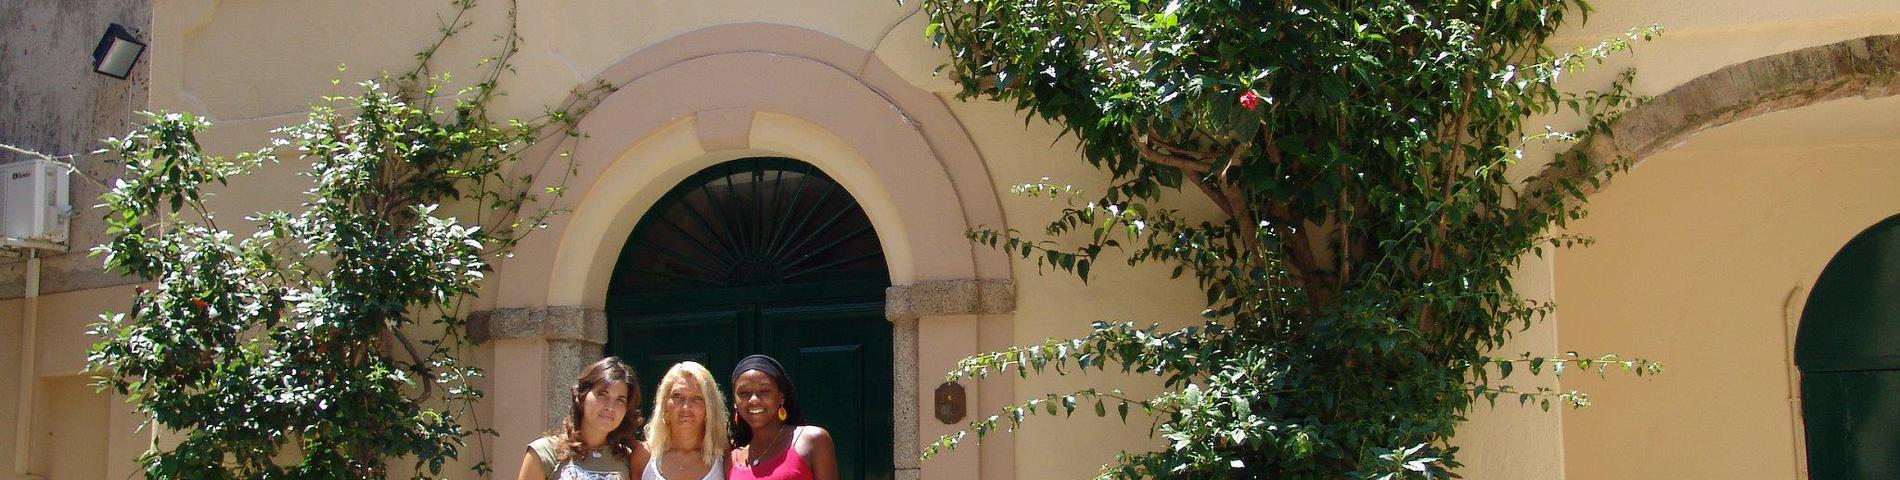 Piccola Universita Italiana immagine 1